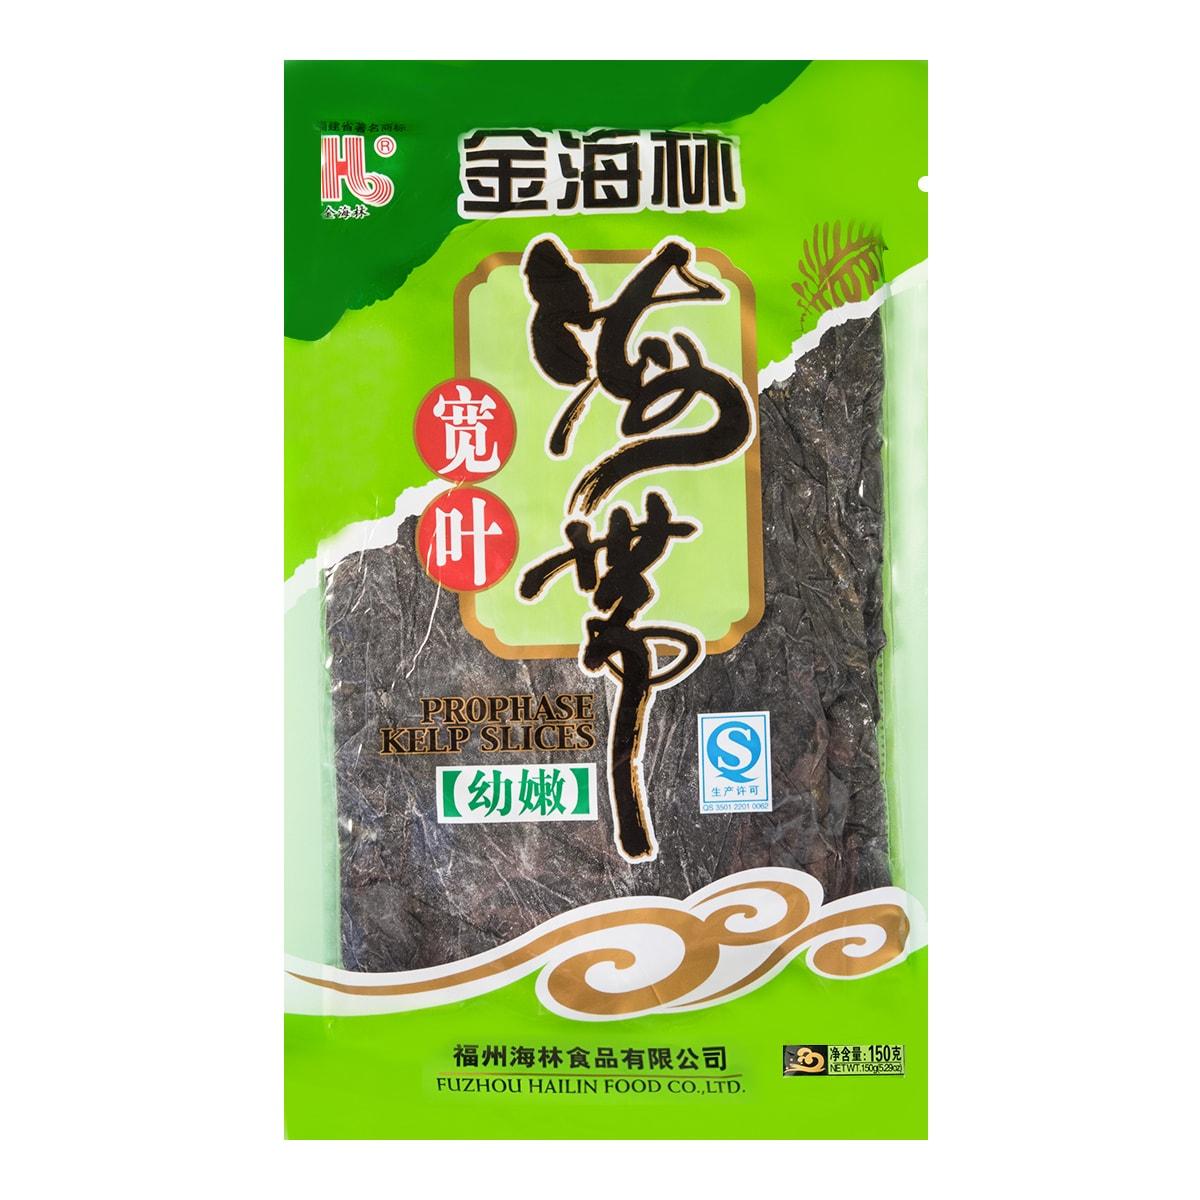 JINHAILIN Dried Seaweed Ties 150g